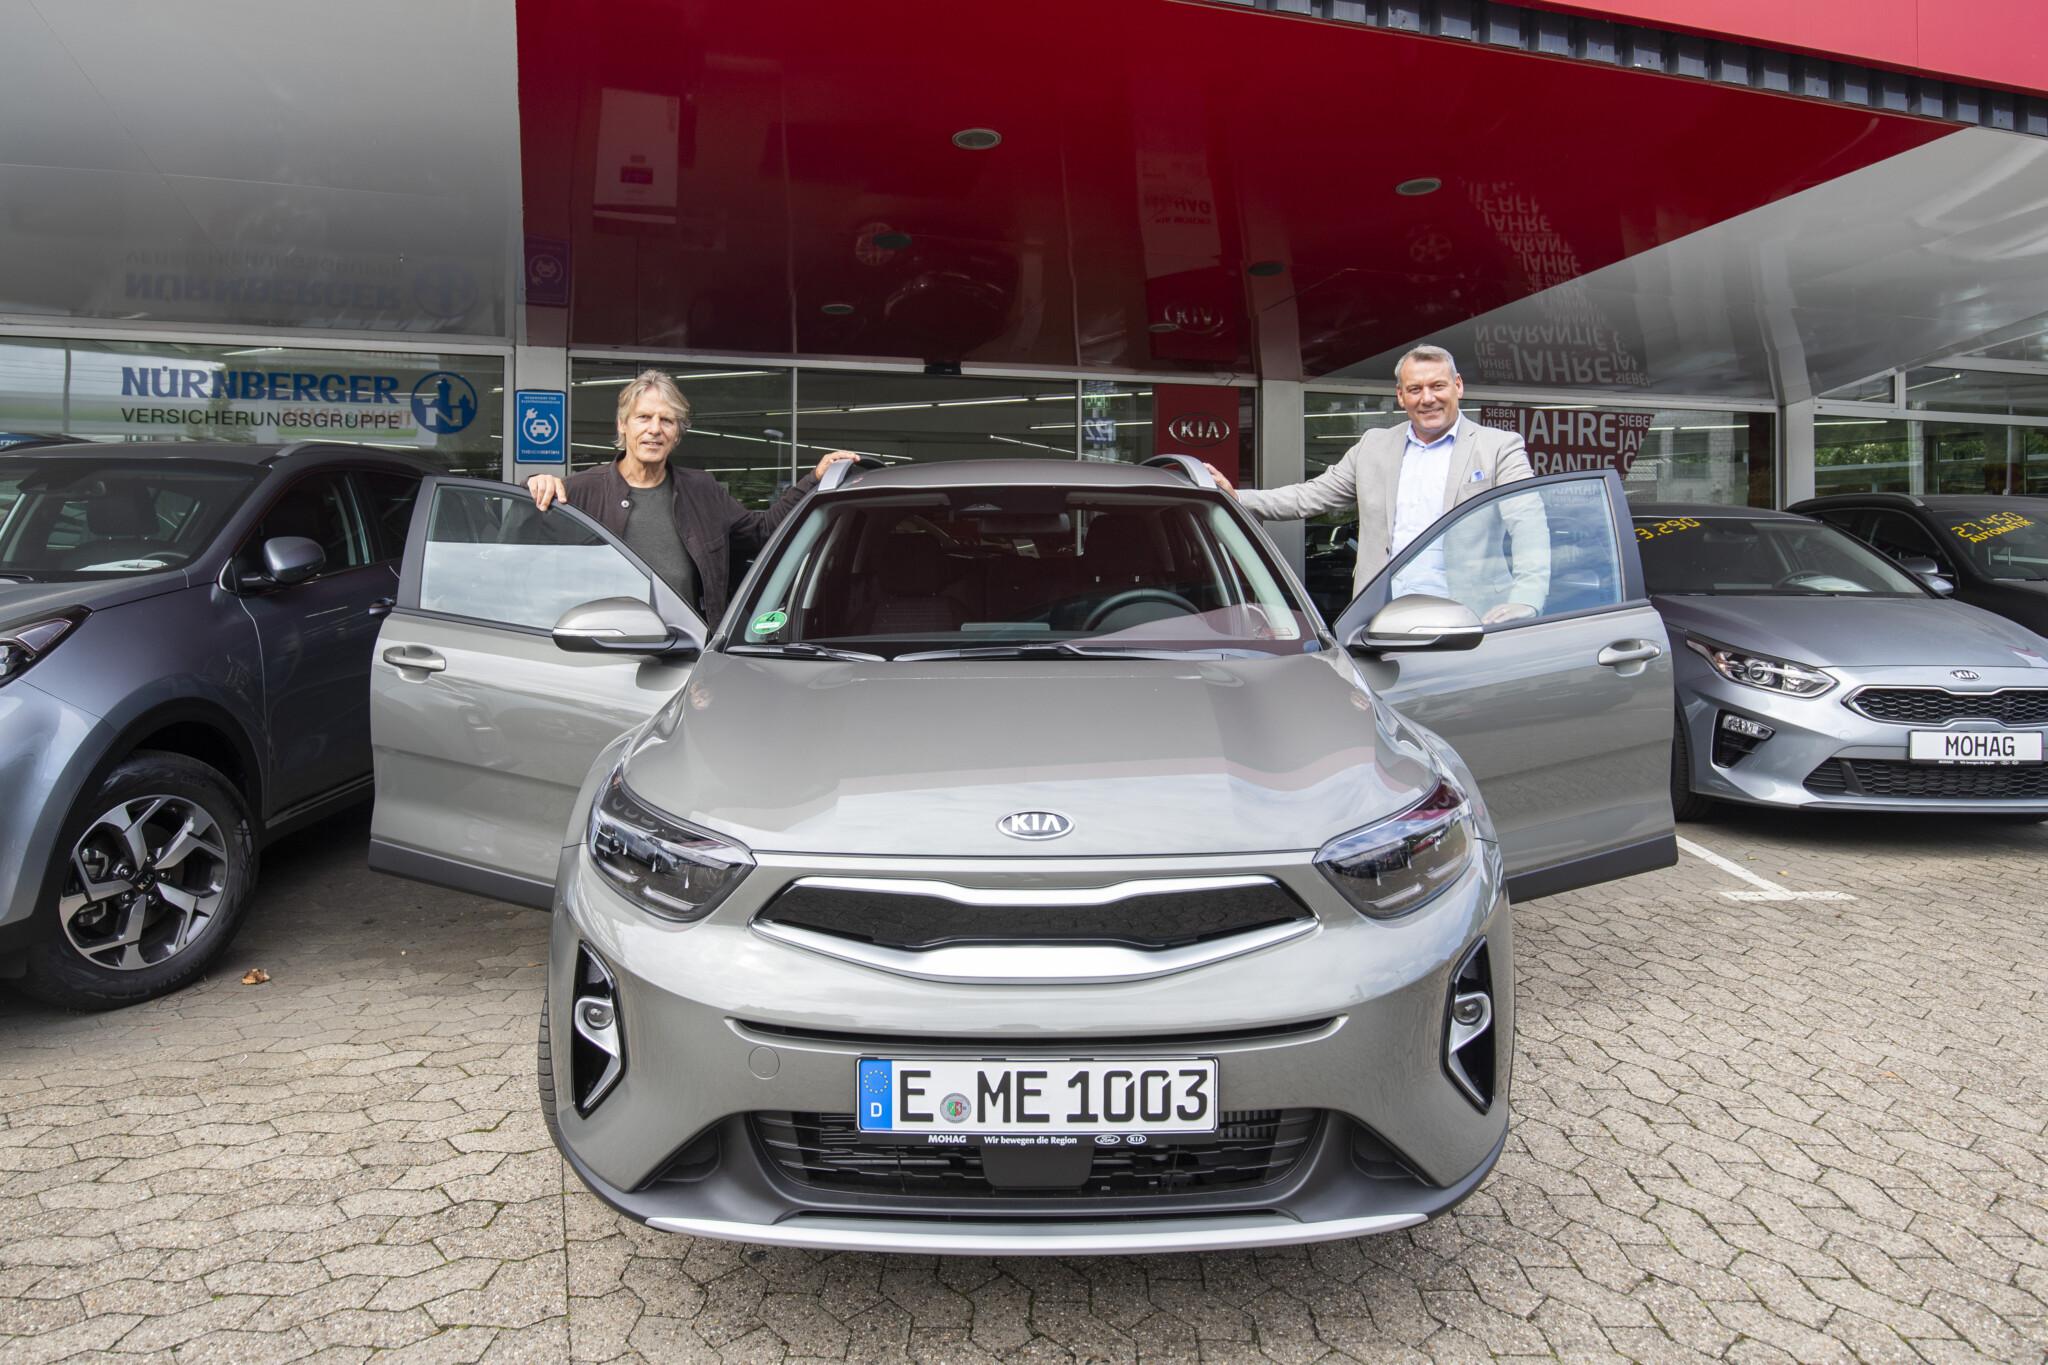 RWE-Marketingleiter Rainer Koch und MOHAG-Filialleiter Thomas Gudd stehen vor der Filiale und präsentieren einen Kia Stonic.